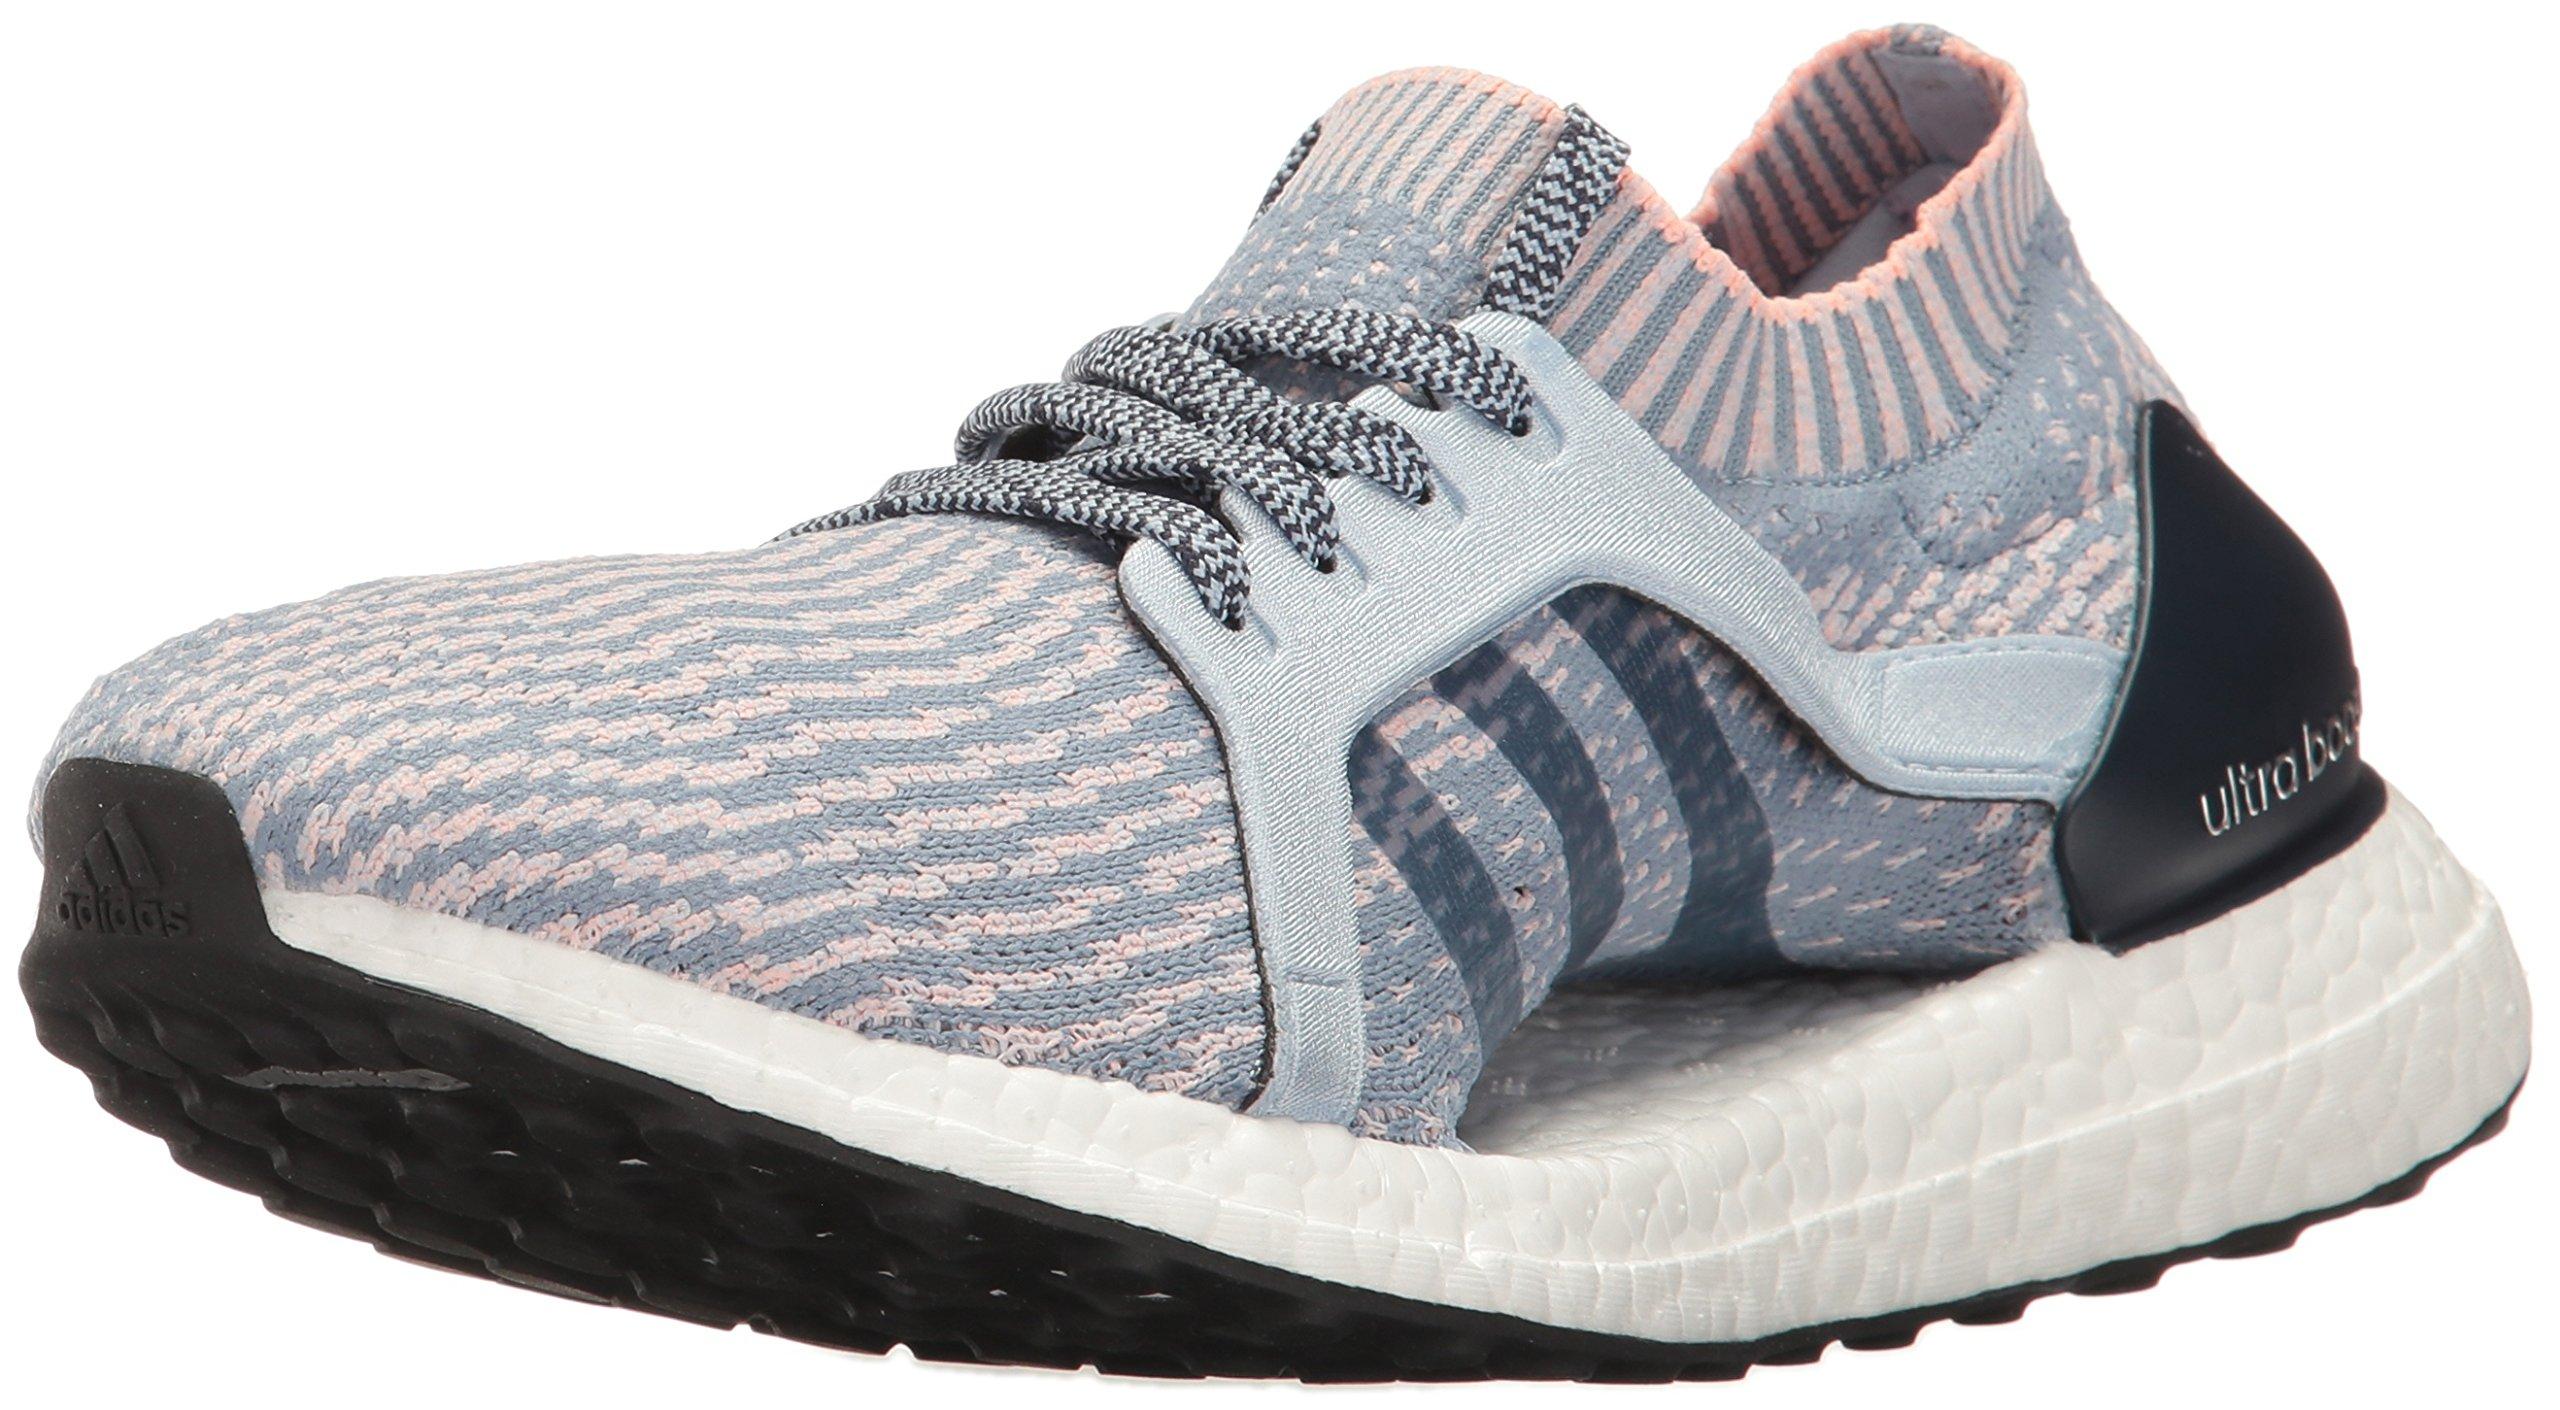 0268b875e2100 Galleon - Adidas Women s Ultraboost X Running Shoe